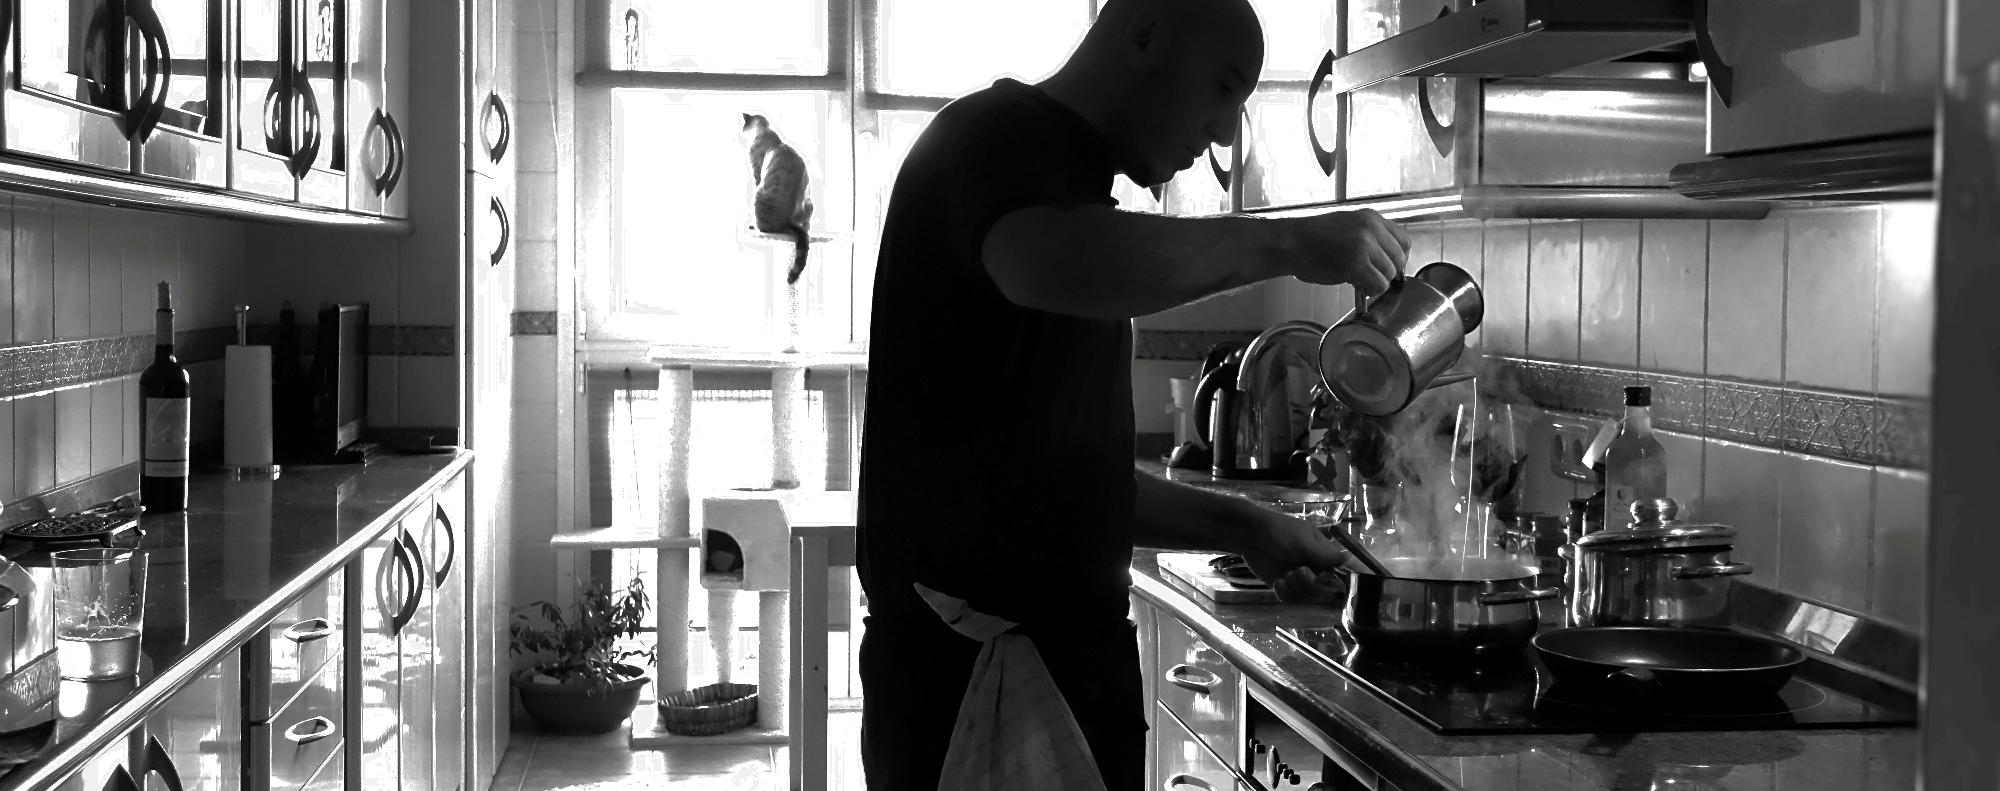 www.eiastudio.com – entusiasmo por la cocina, amor por la música y búsqueda de la luz a través de la fotografía